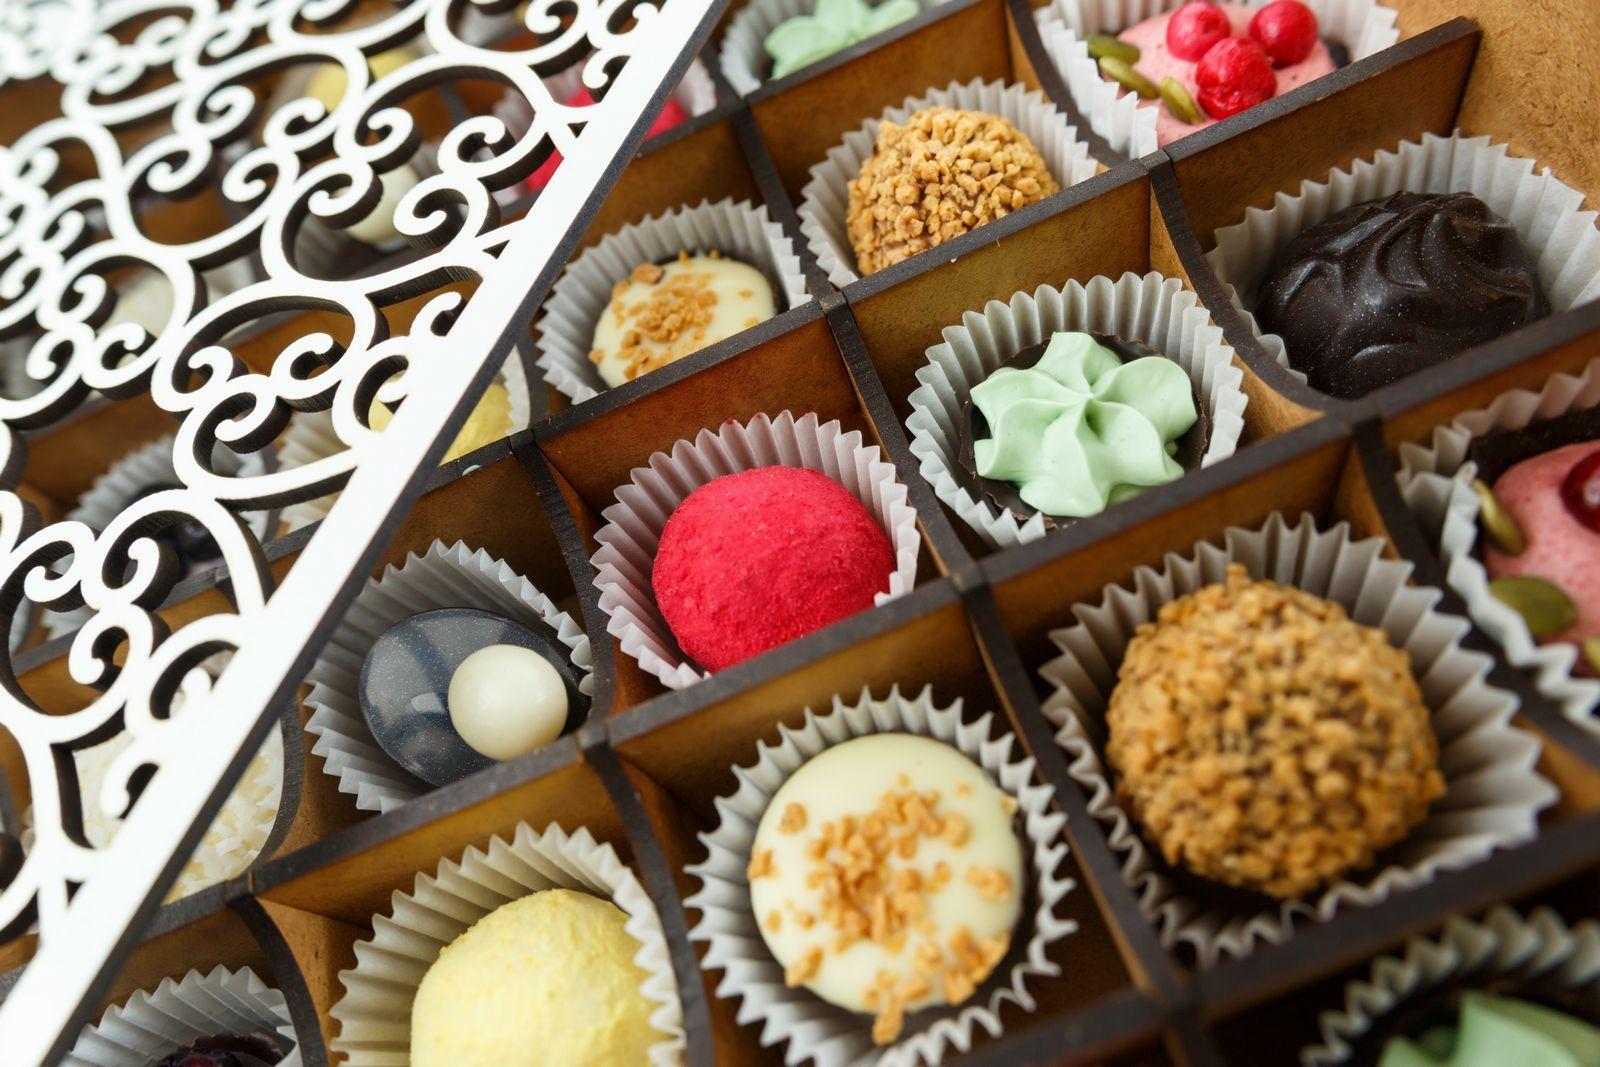 глубине души конфеты ручной работы фото рецепт членов комитета